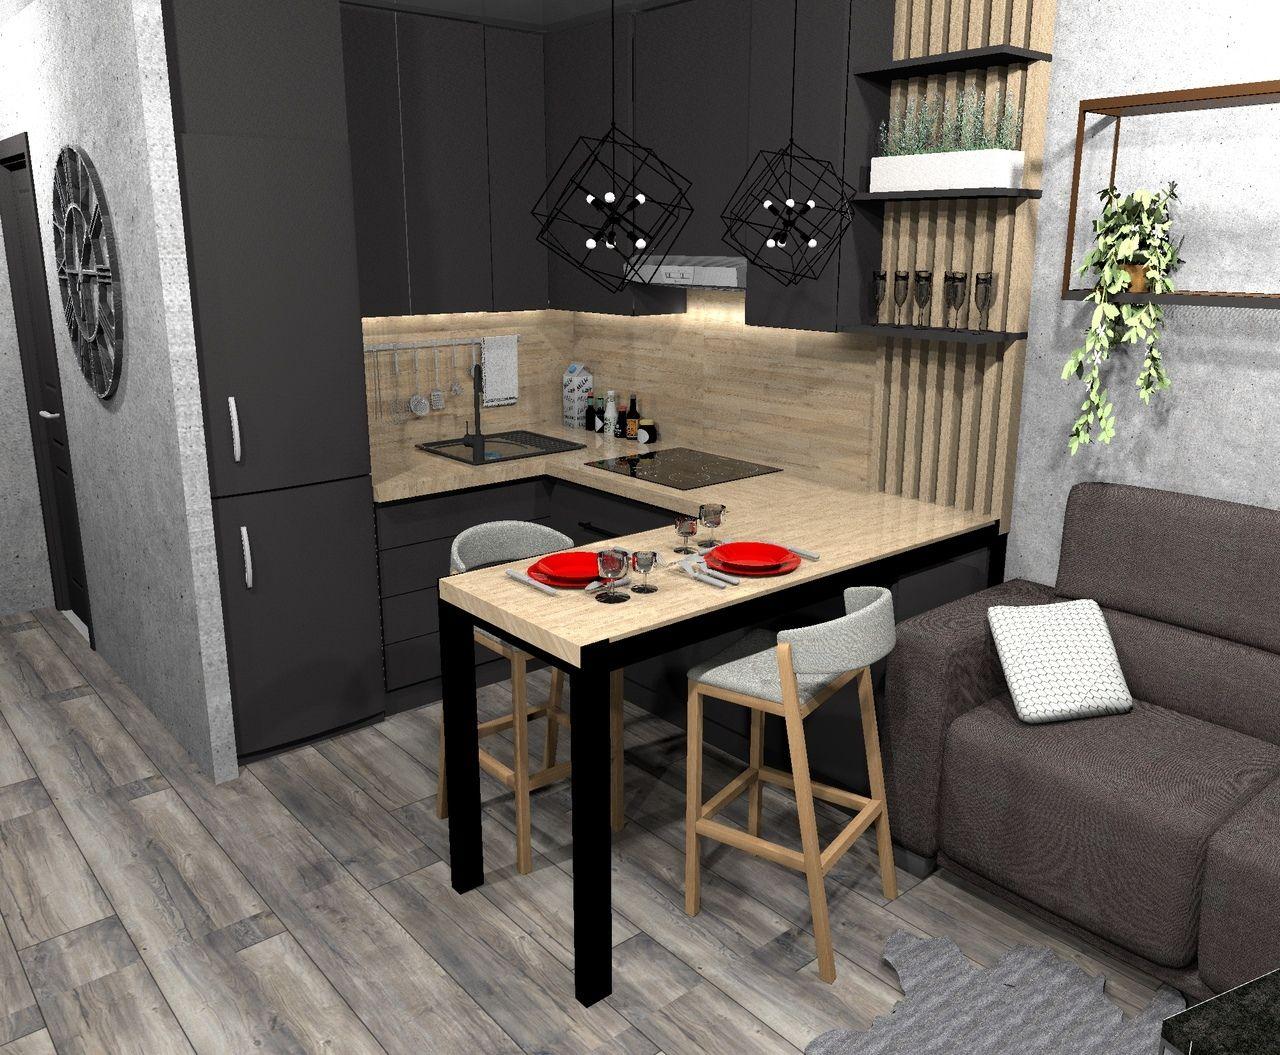 Кухня-гостиная 18 кв/м. (2020)   Интерьер, Интерьер кухни ...